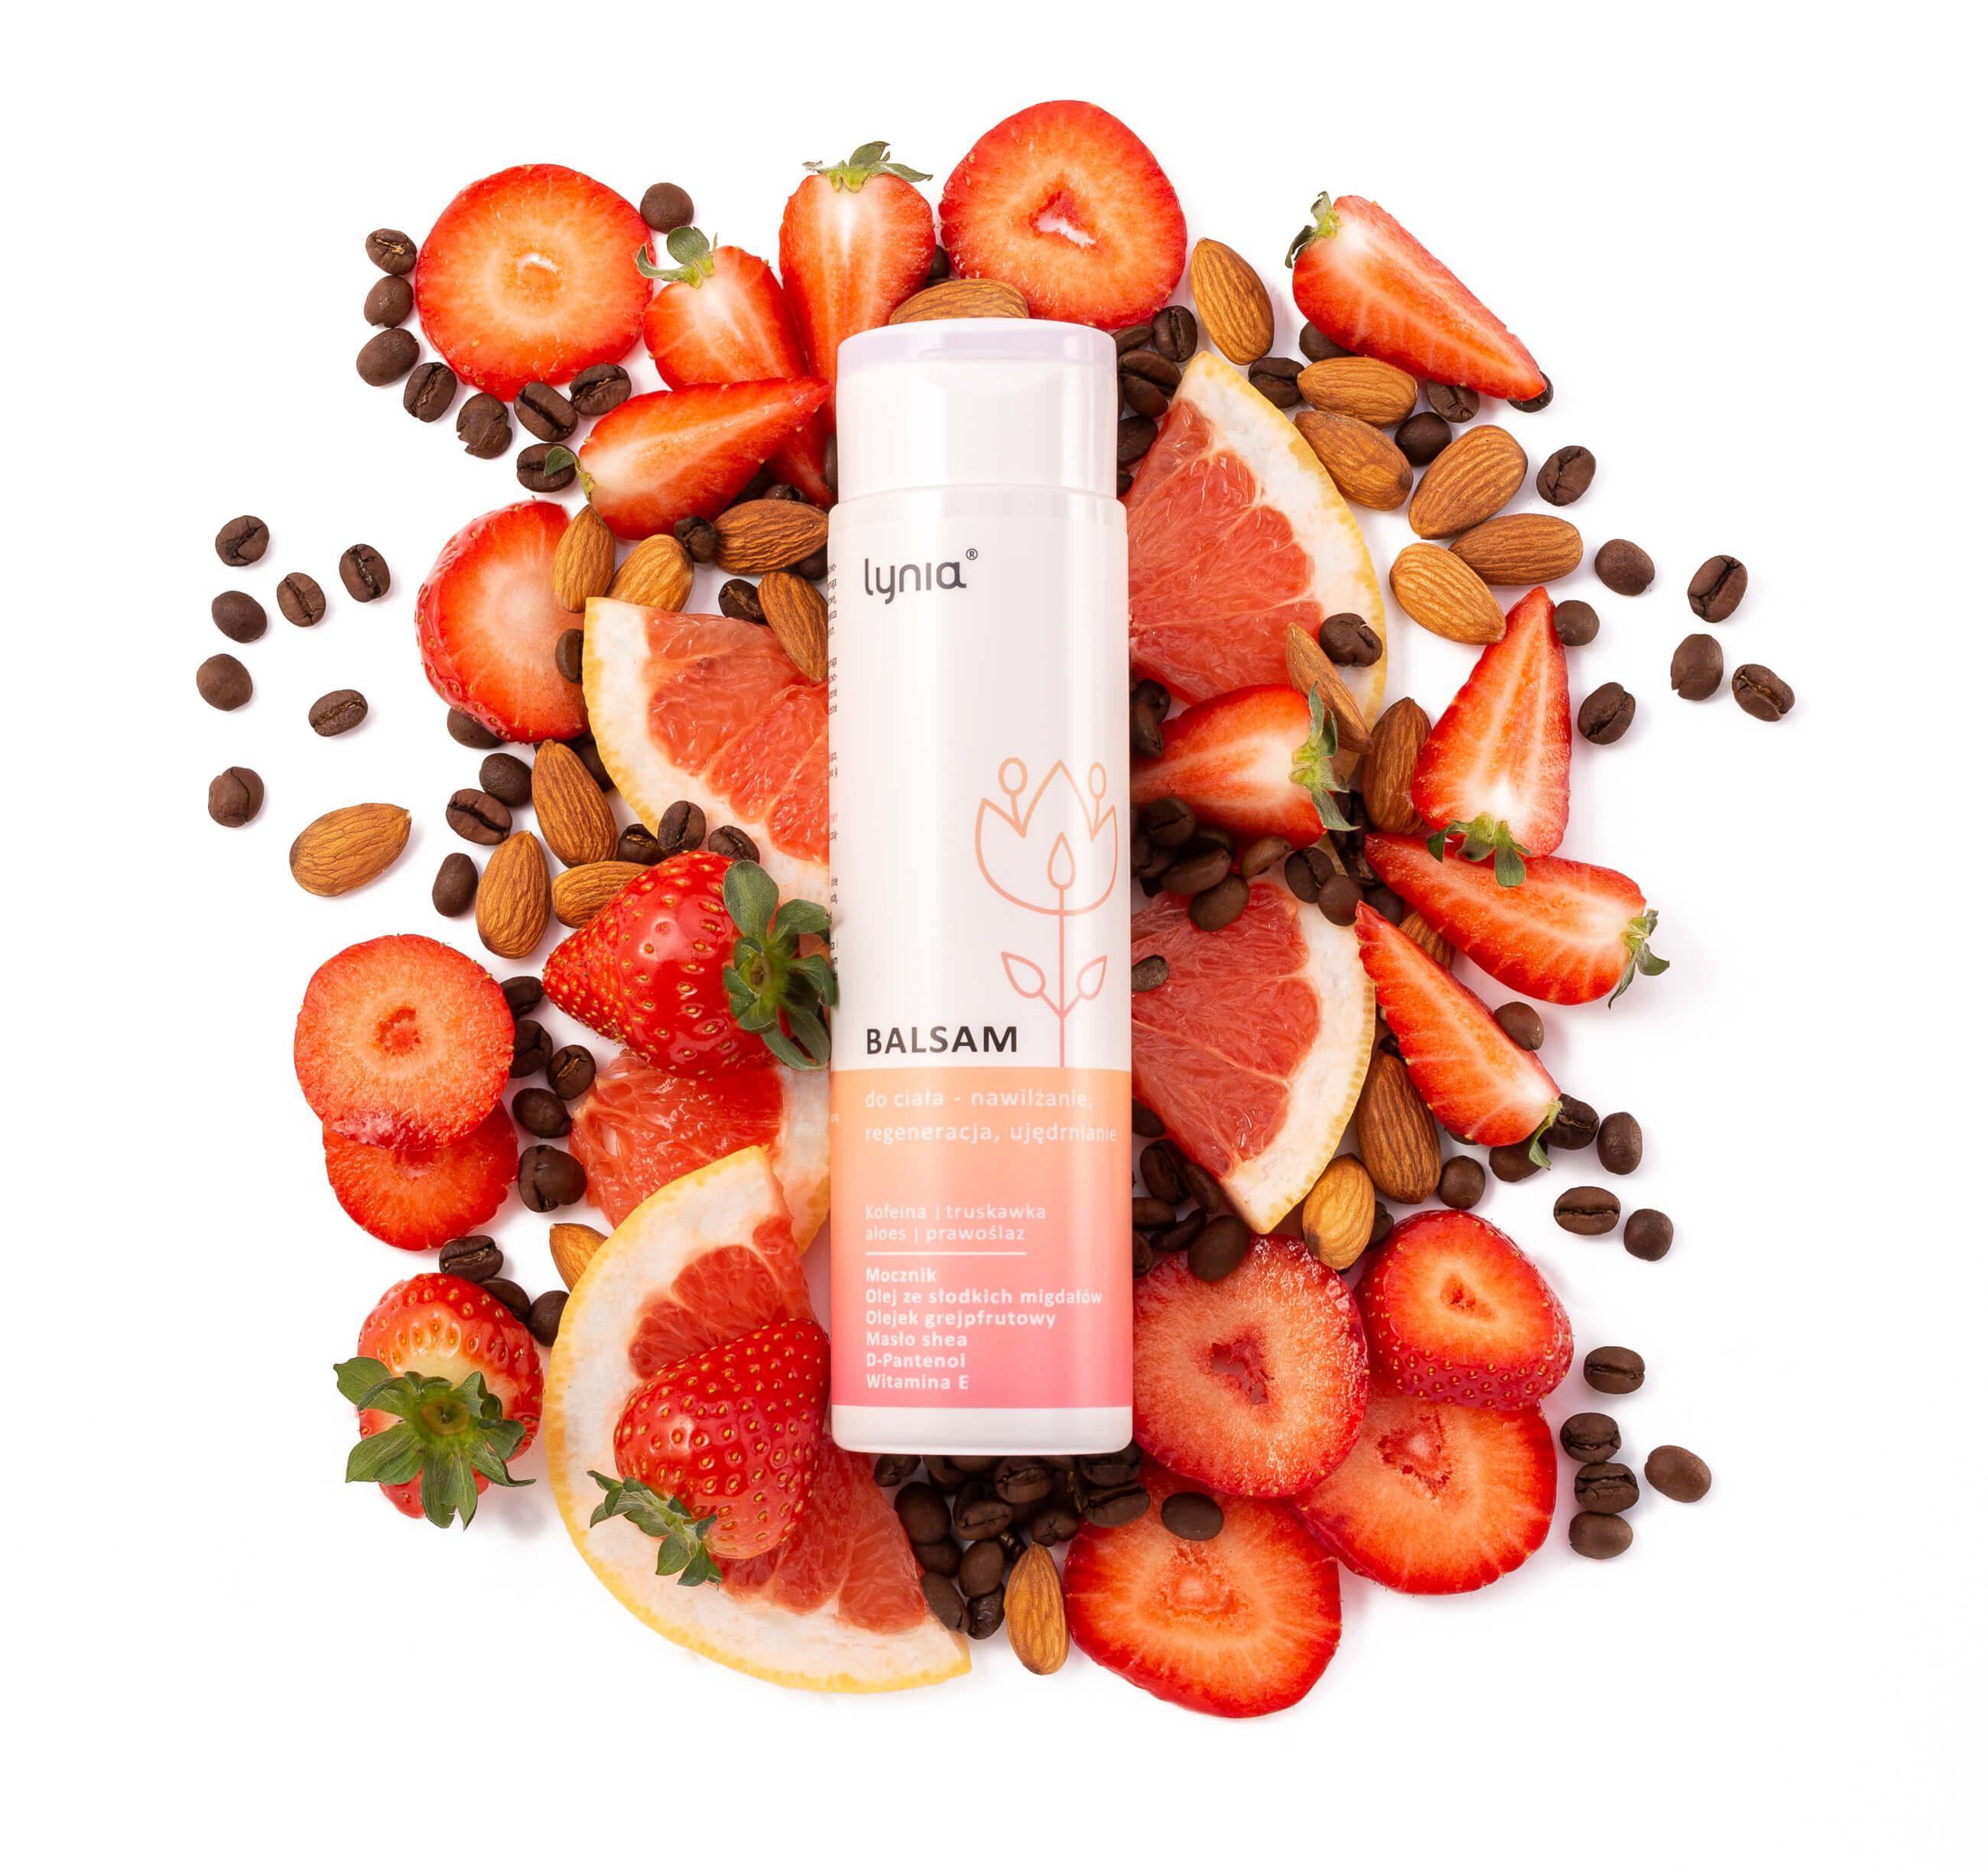 Aranżowane zdjęcie reklamowe kosmetyków - flat lay